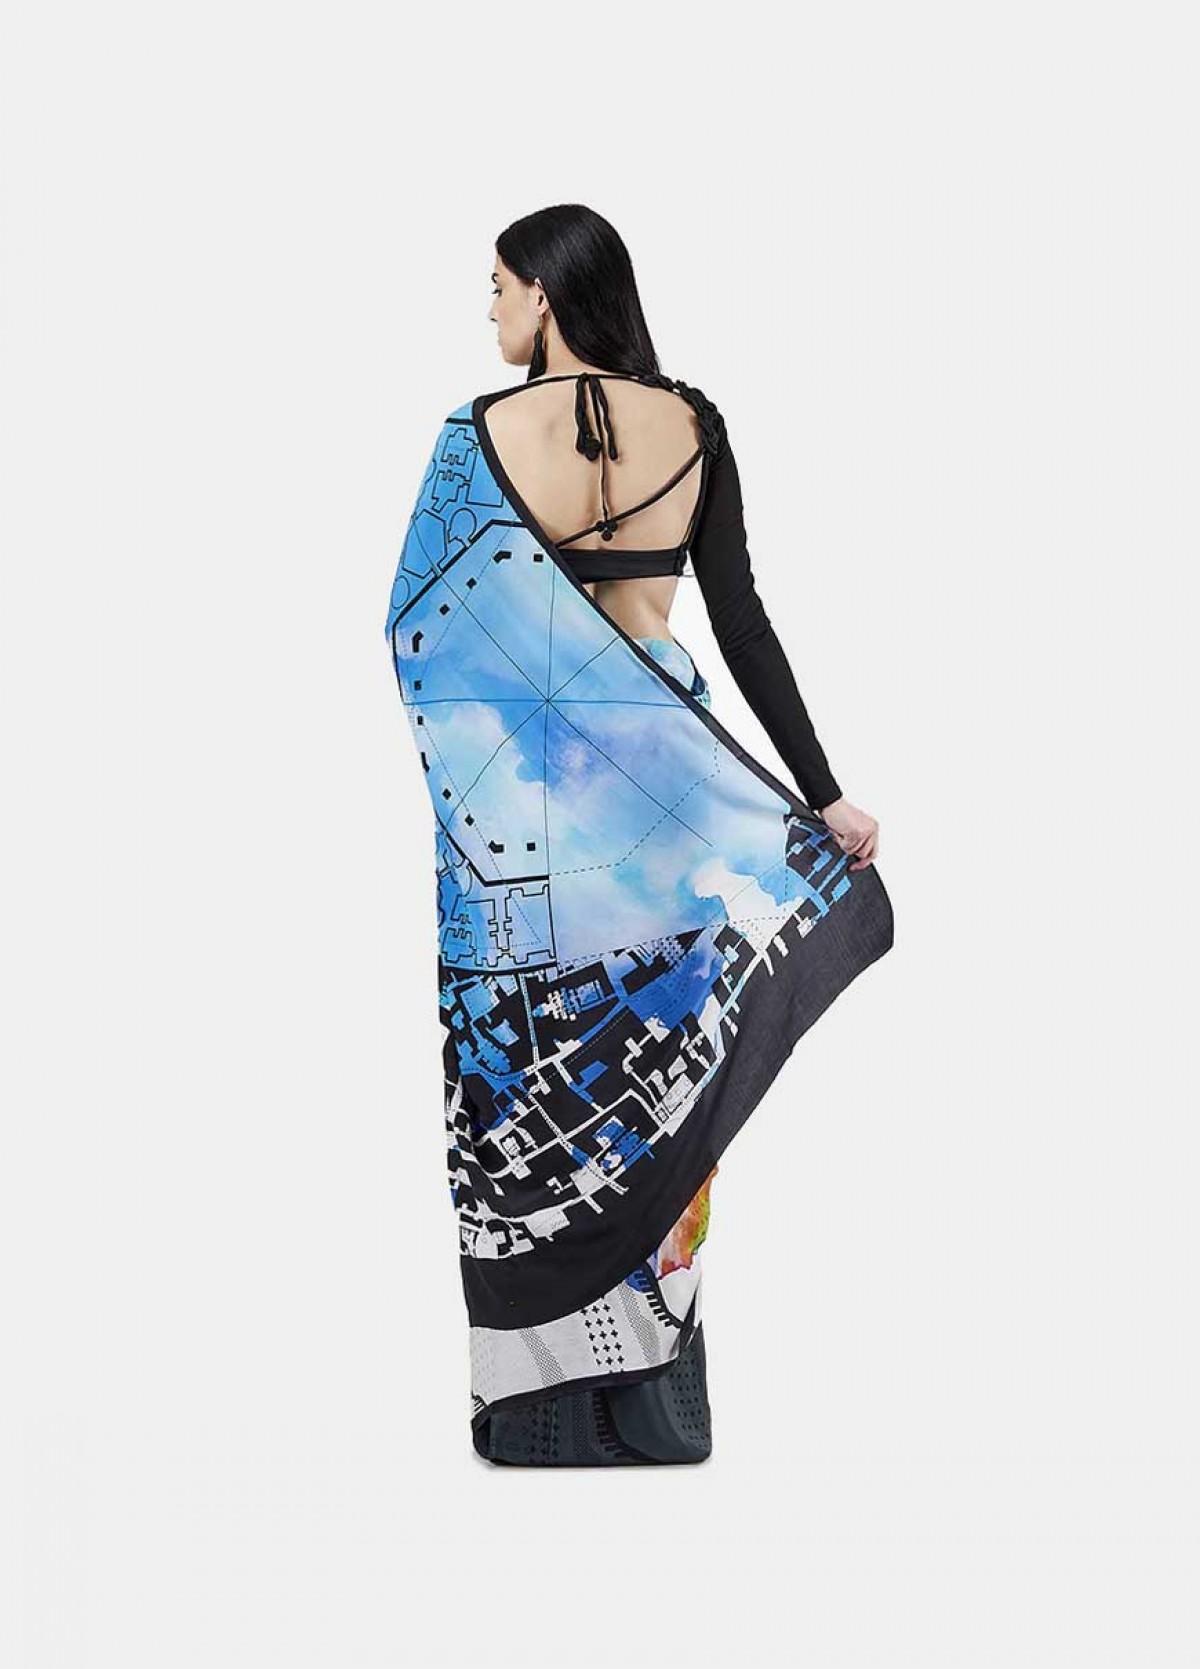 The Neo Artist Sari